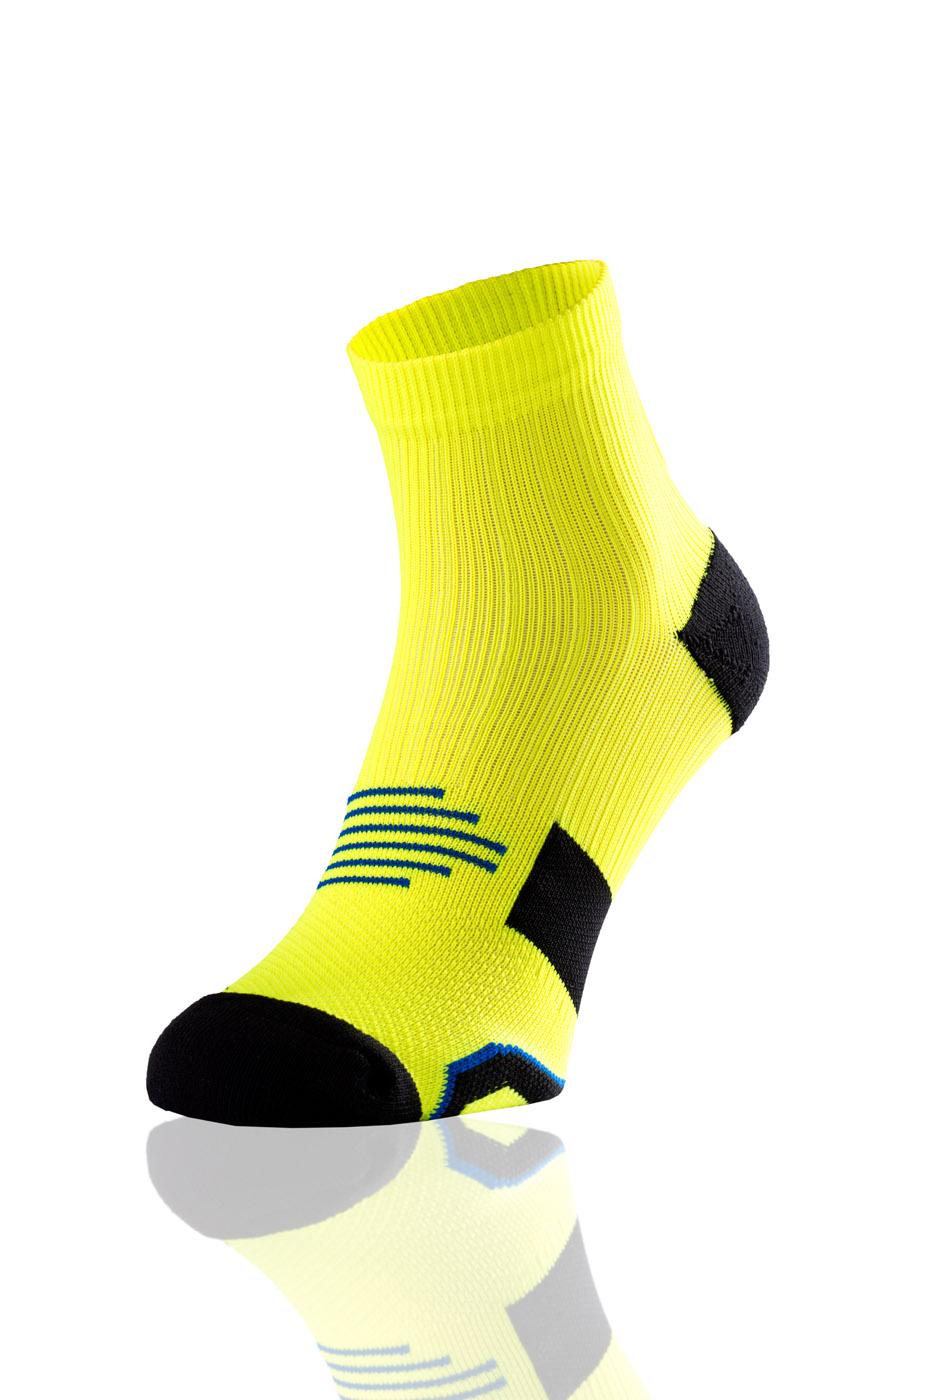 Nessi Bežecké Ponožky Maraton RMN-2 - Citronová Barva: citronová, Velikost: 42-44